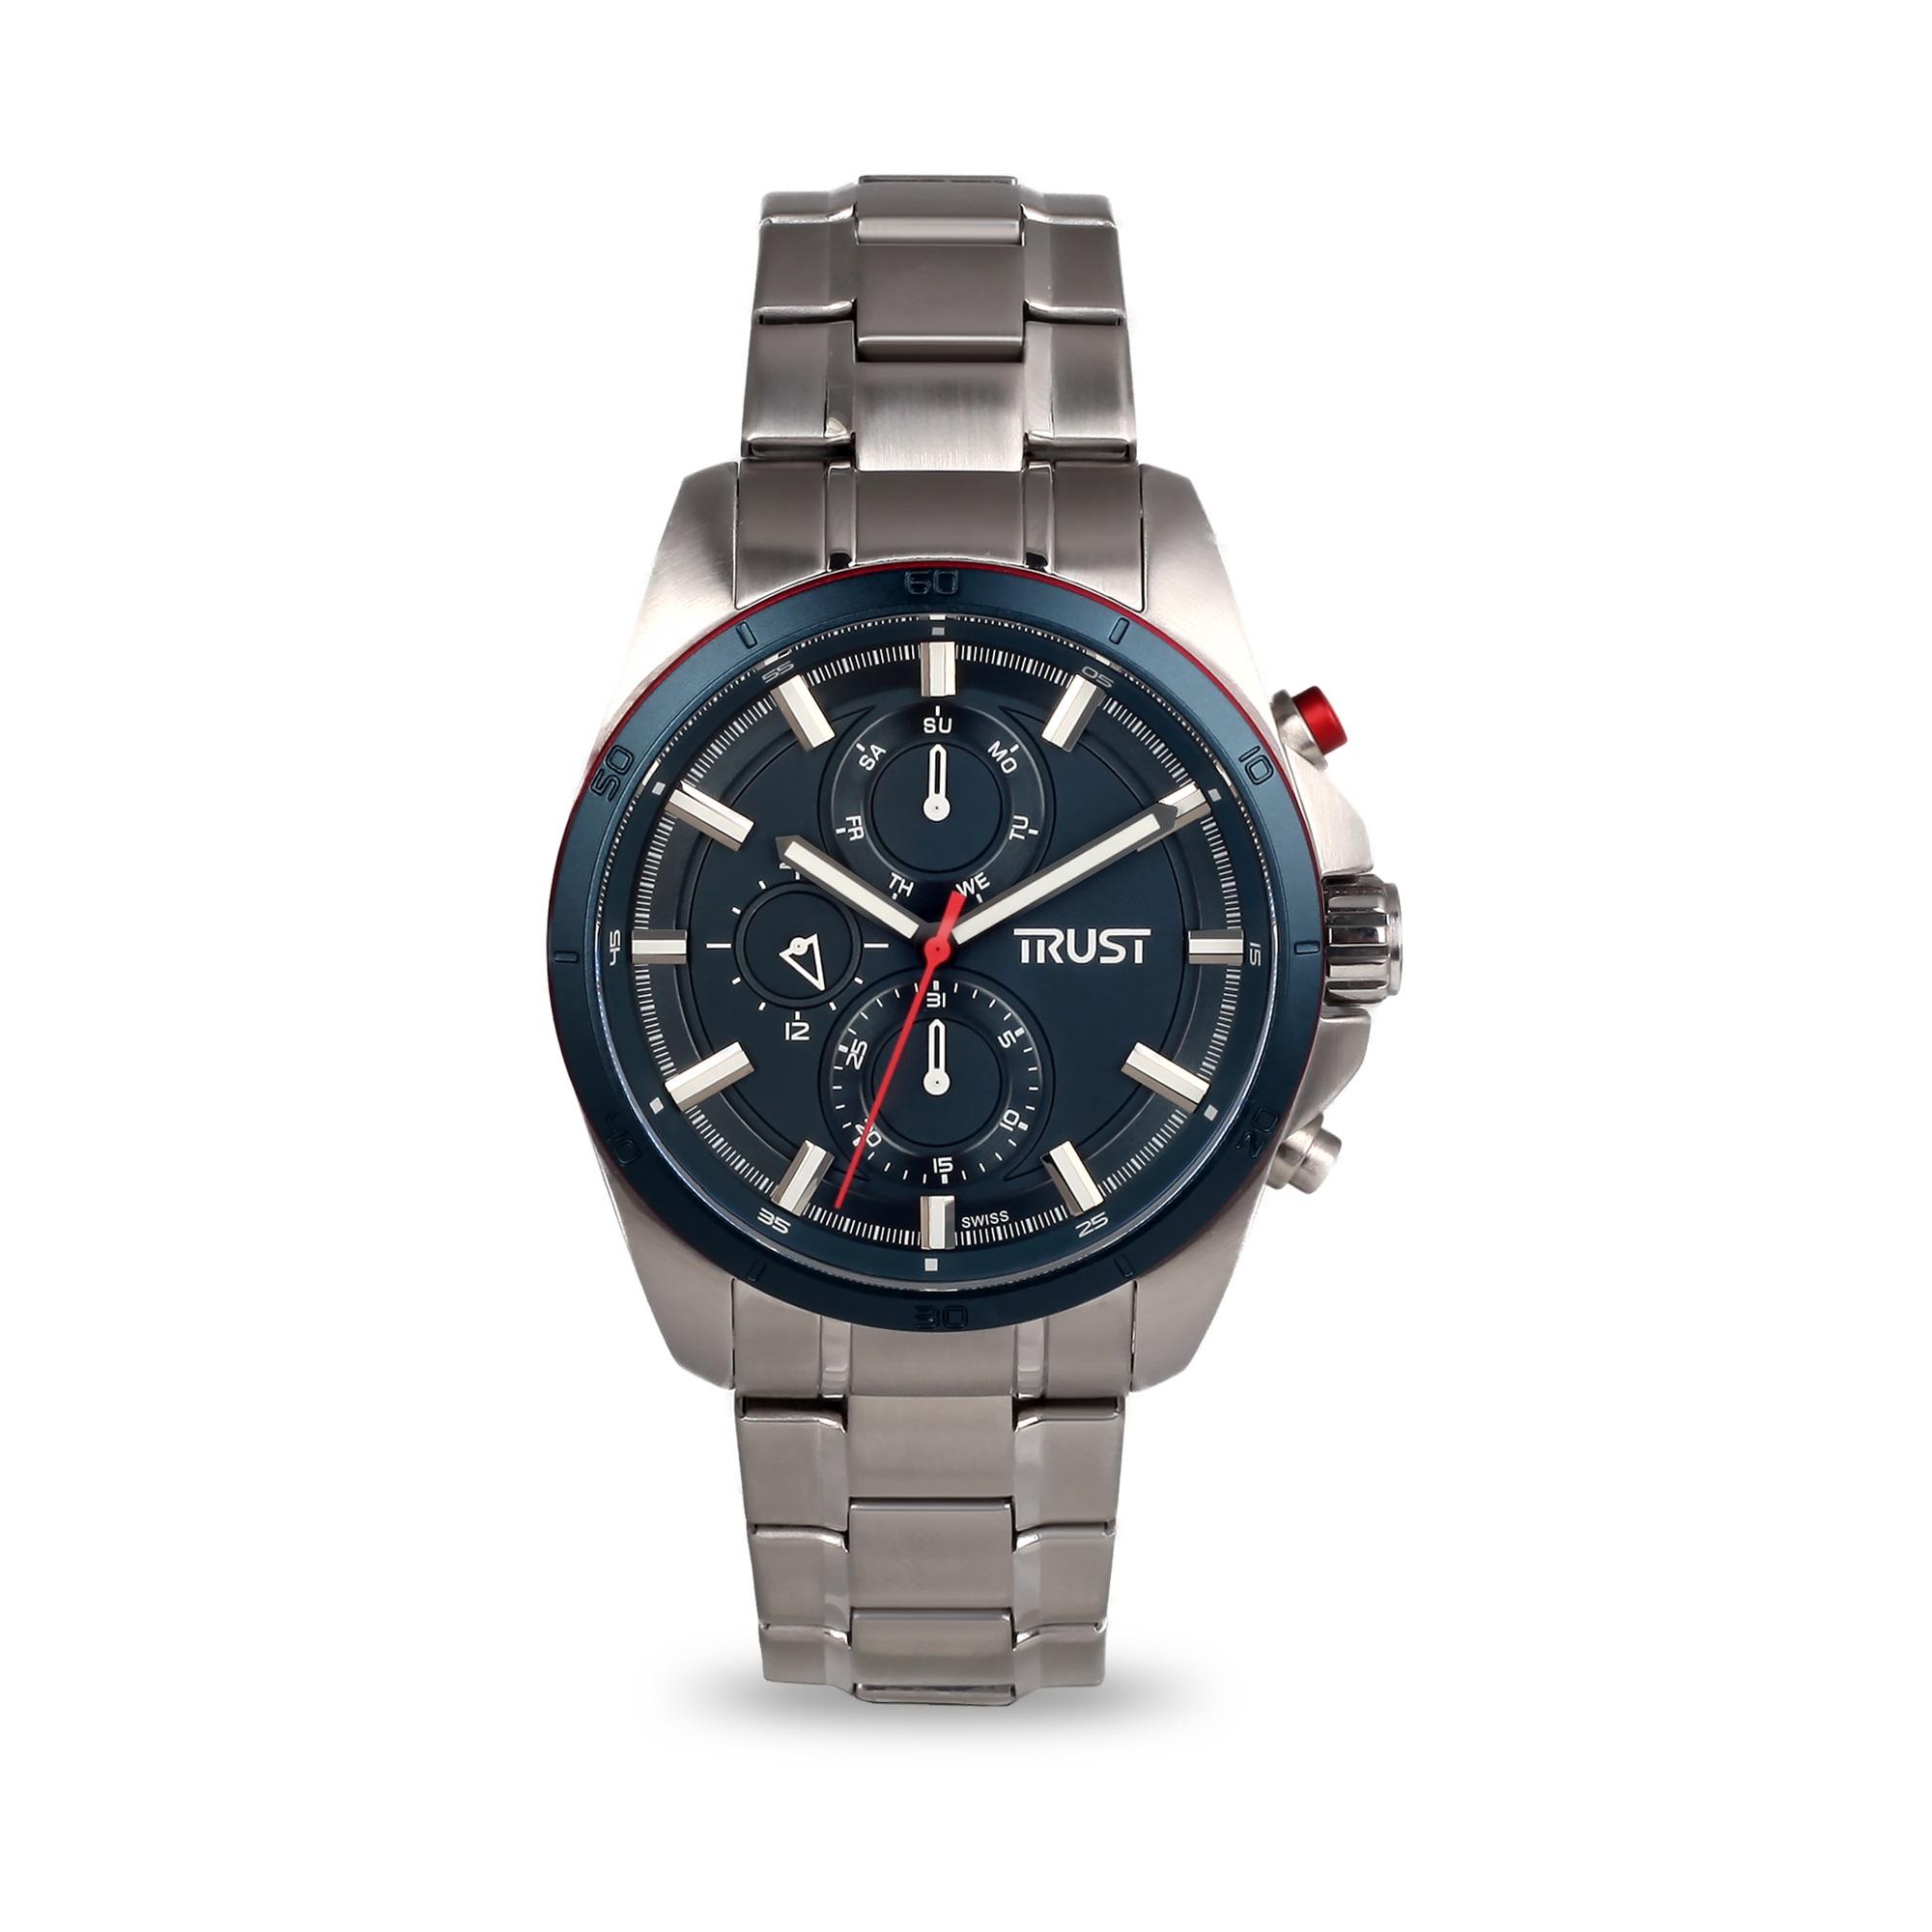 ساعت مچی عقربه ای مردانه تراست مدل G495HRG